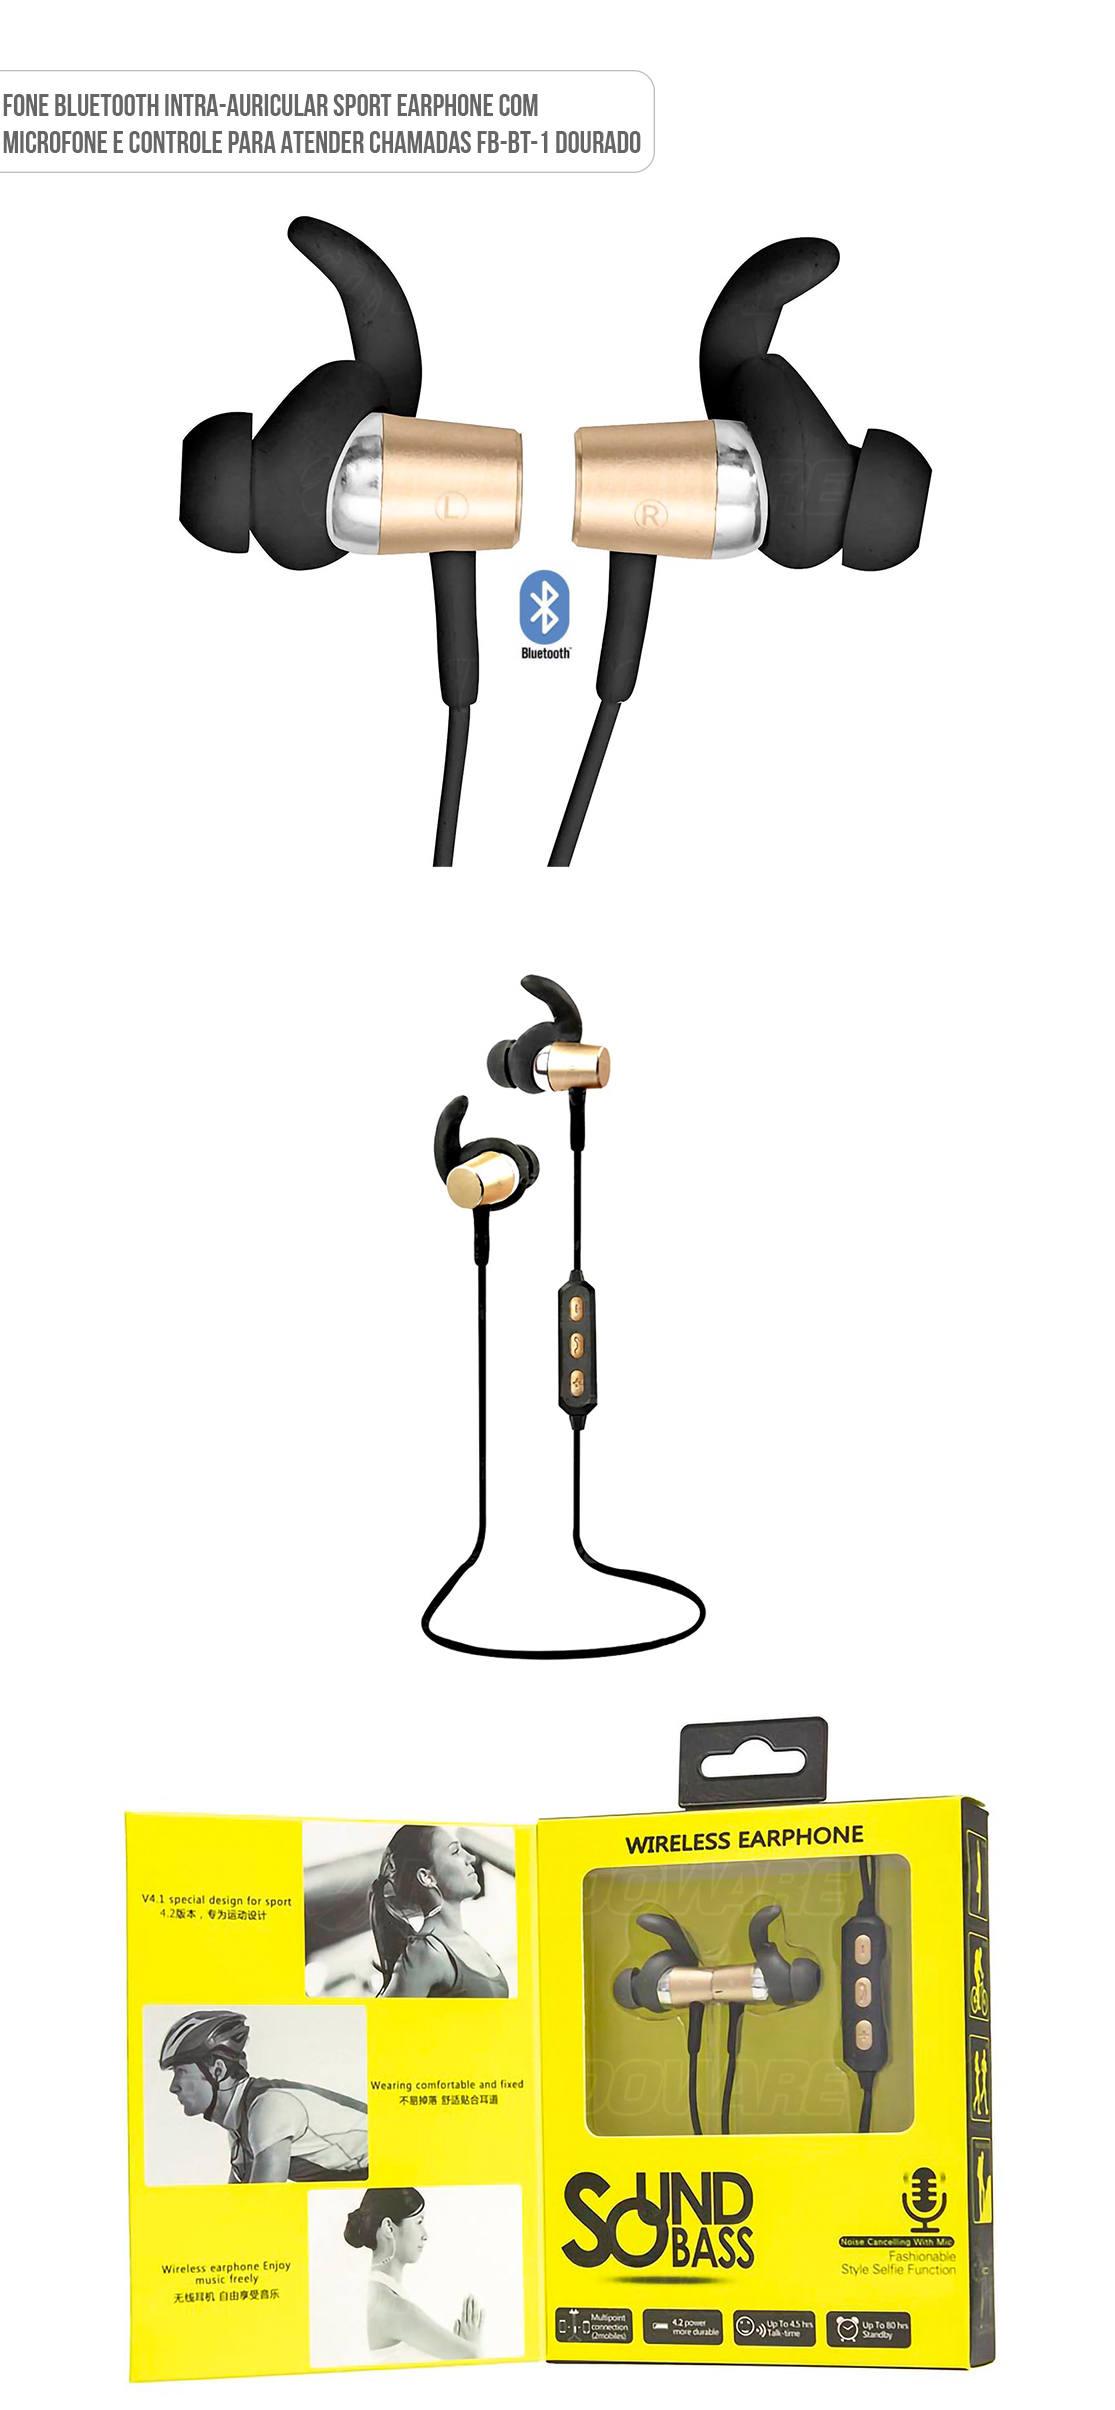 Fone de Ouvido intra-auricular esportista bluetooth Fbbt1 Preto com Dourado